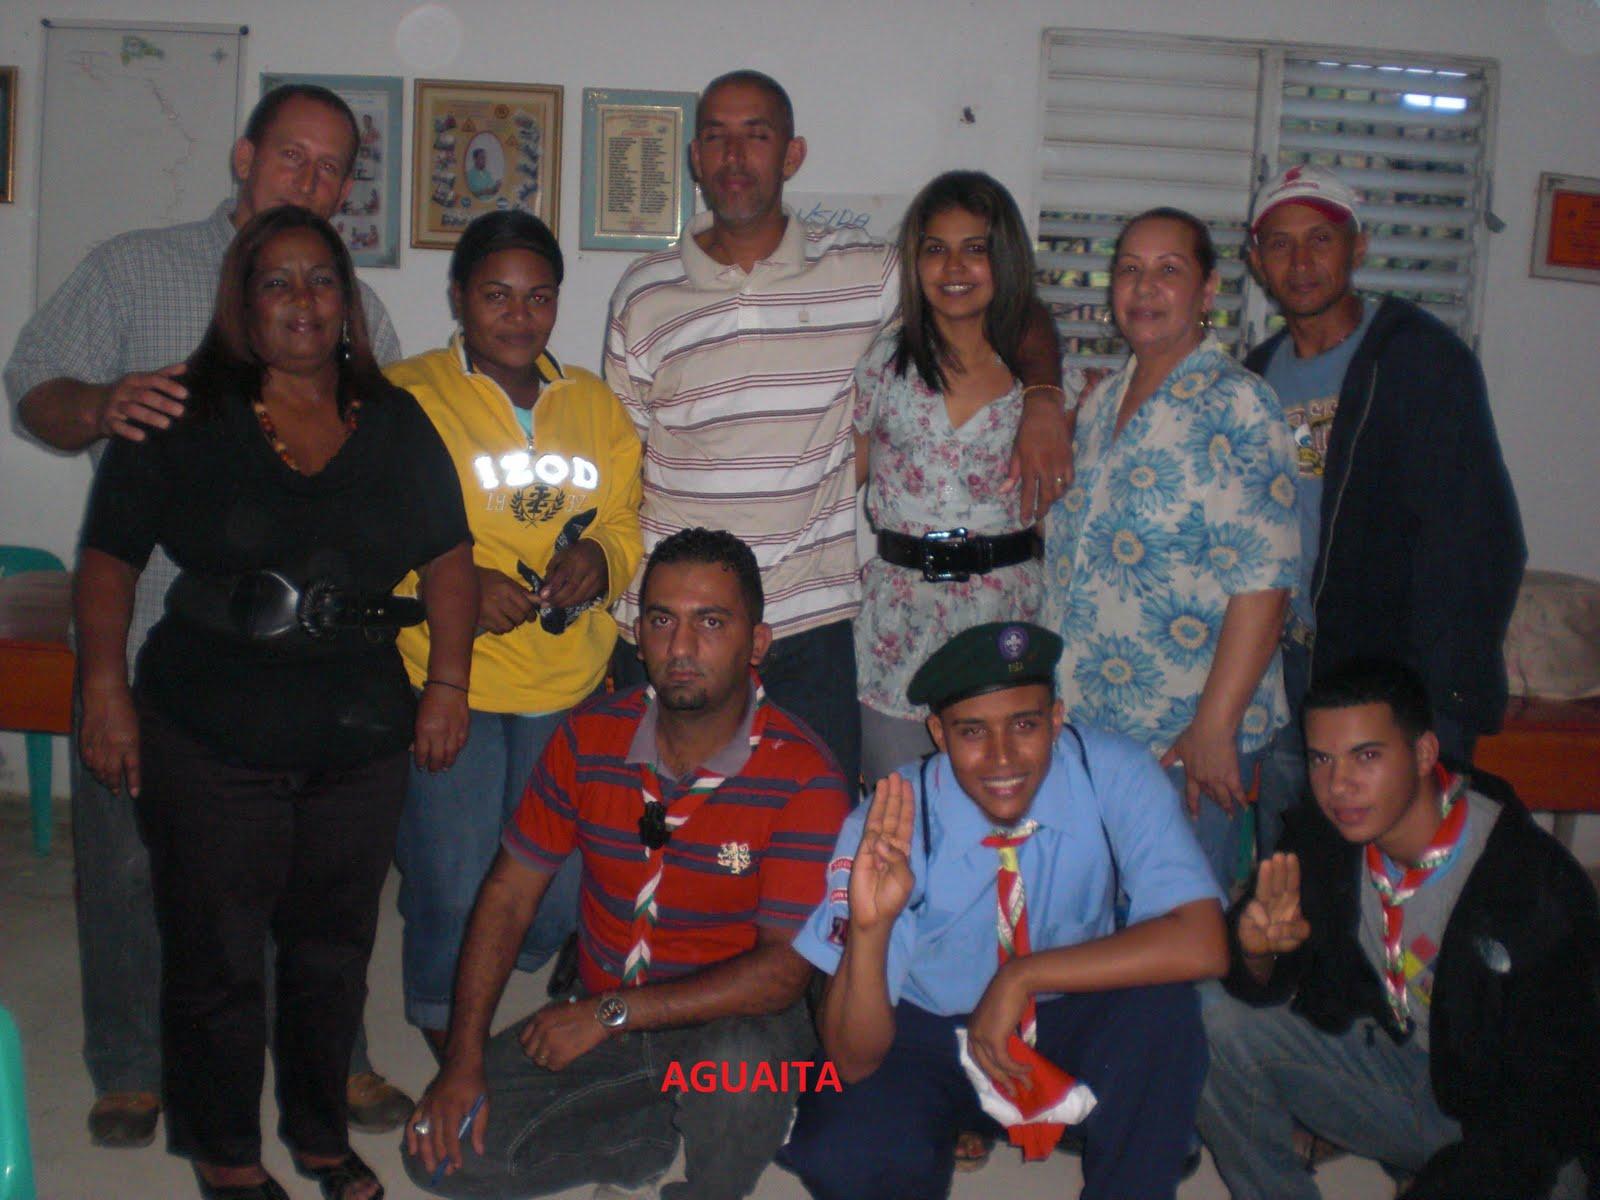 http://1.bp.blogspot.com/_quVQhEmrNYk/TOqCunR-fpI/AAAAAAAADeo/ZibeEy3cFHM/s1600/CIMG0769.JPG